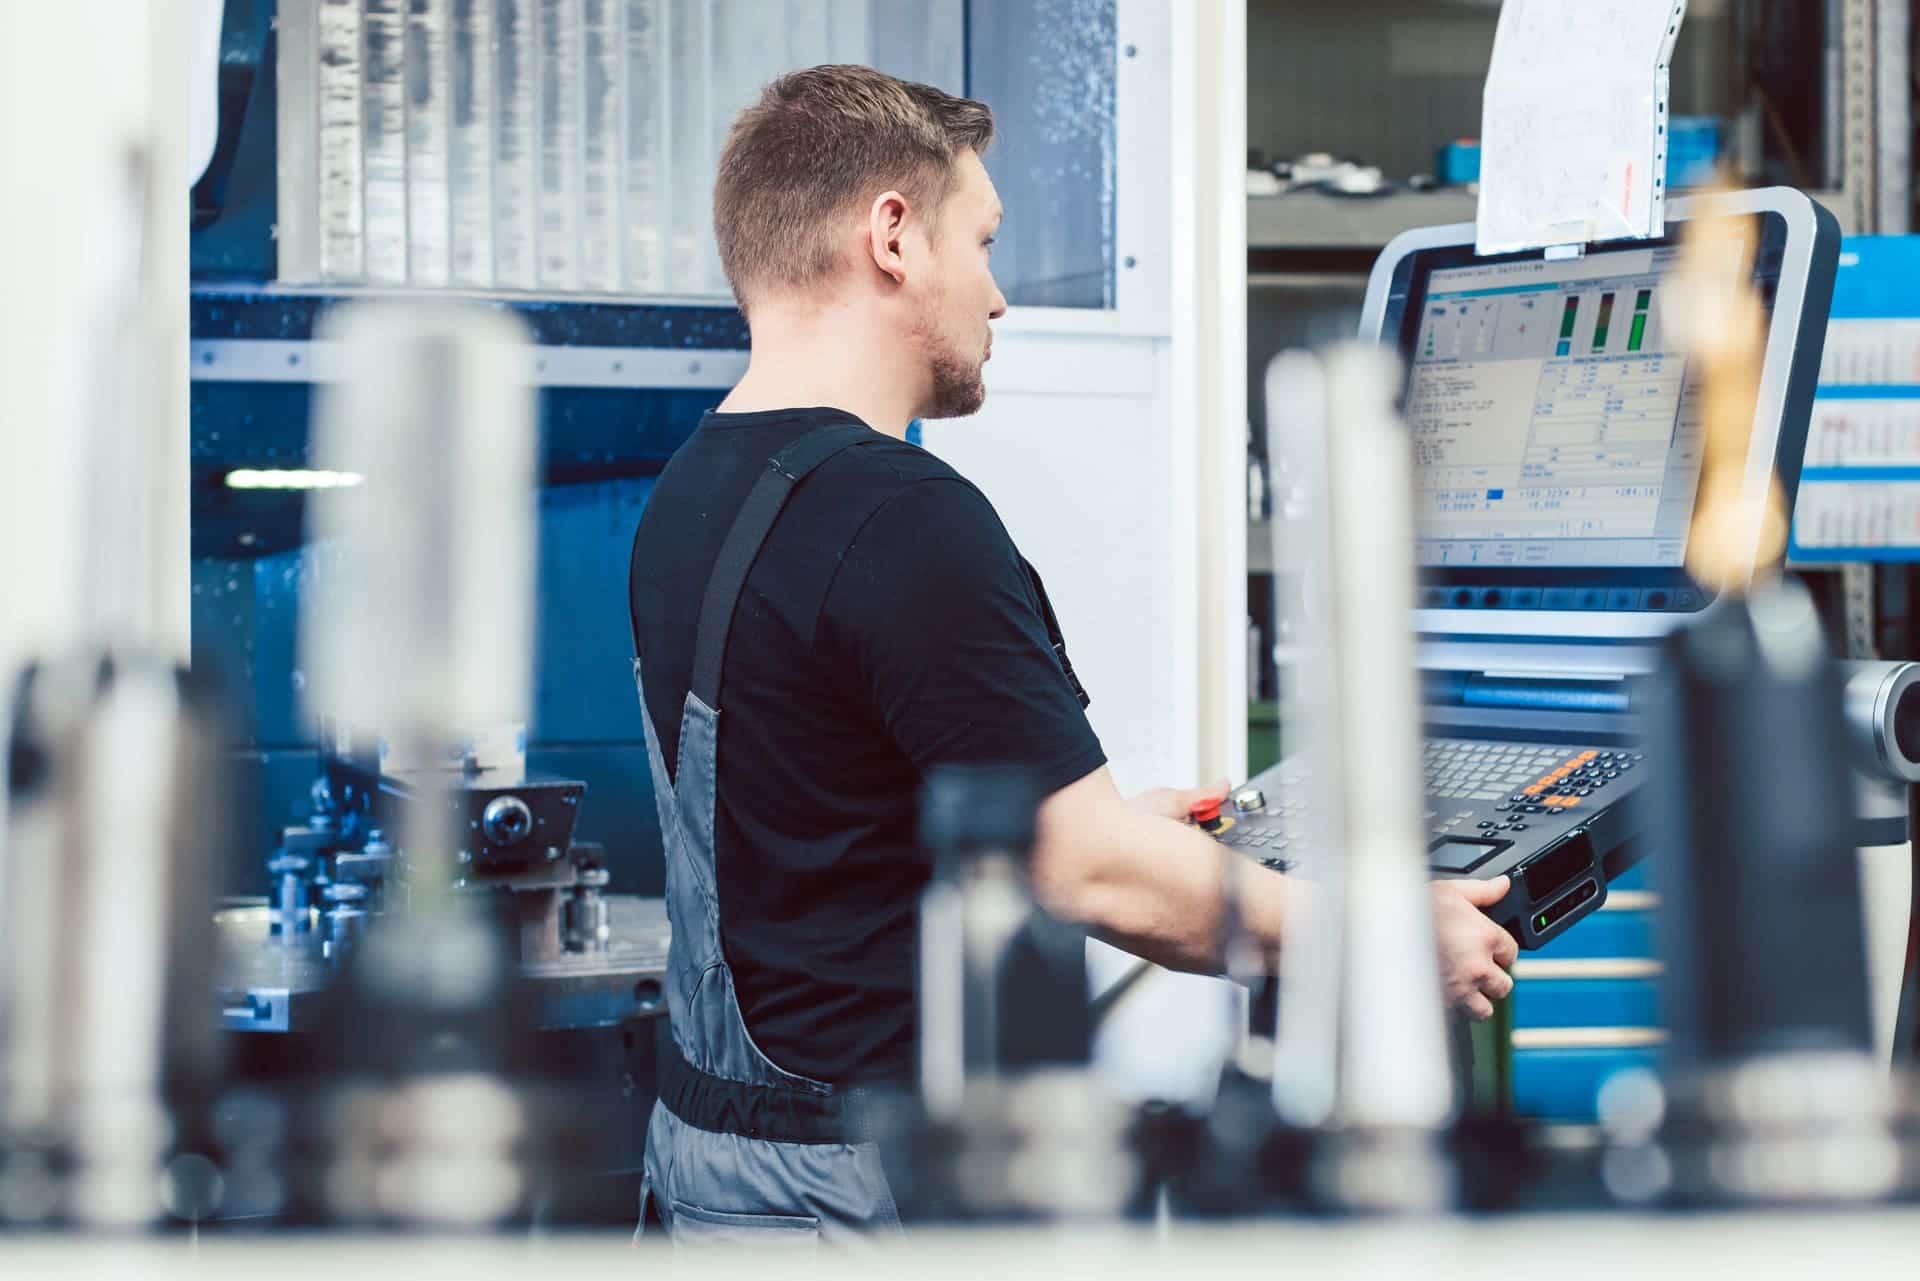 Maschinenbau-Sulmag-Schweiz Sulmag Maschinenbau AG